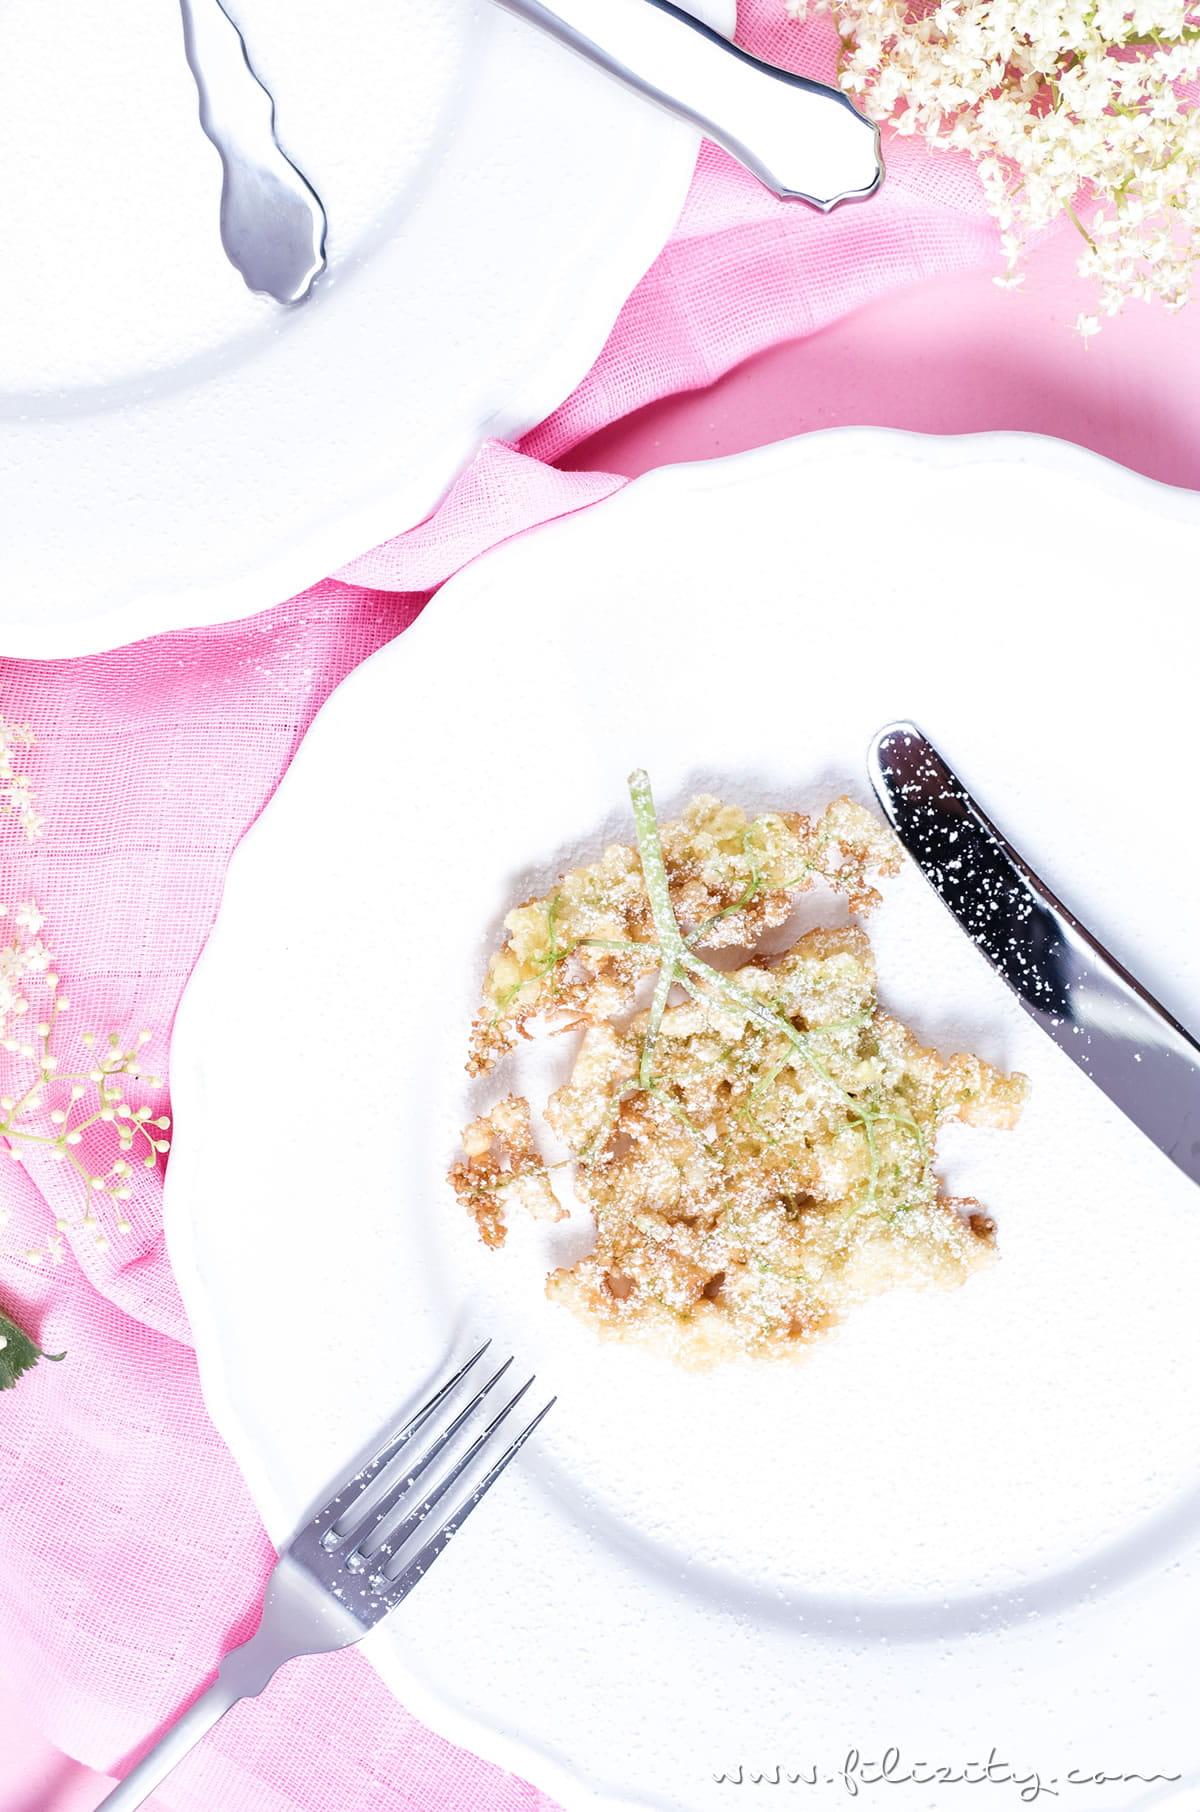 Holunderblüten-Küchlein backen | Einfaches Rezept für Hollerküchlein mit feiner Zitronen-Note ohne Alkohol | Filizity.com | Food-Blog aus dem Rheinland #holunder #sommer